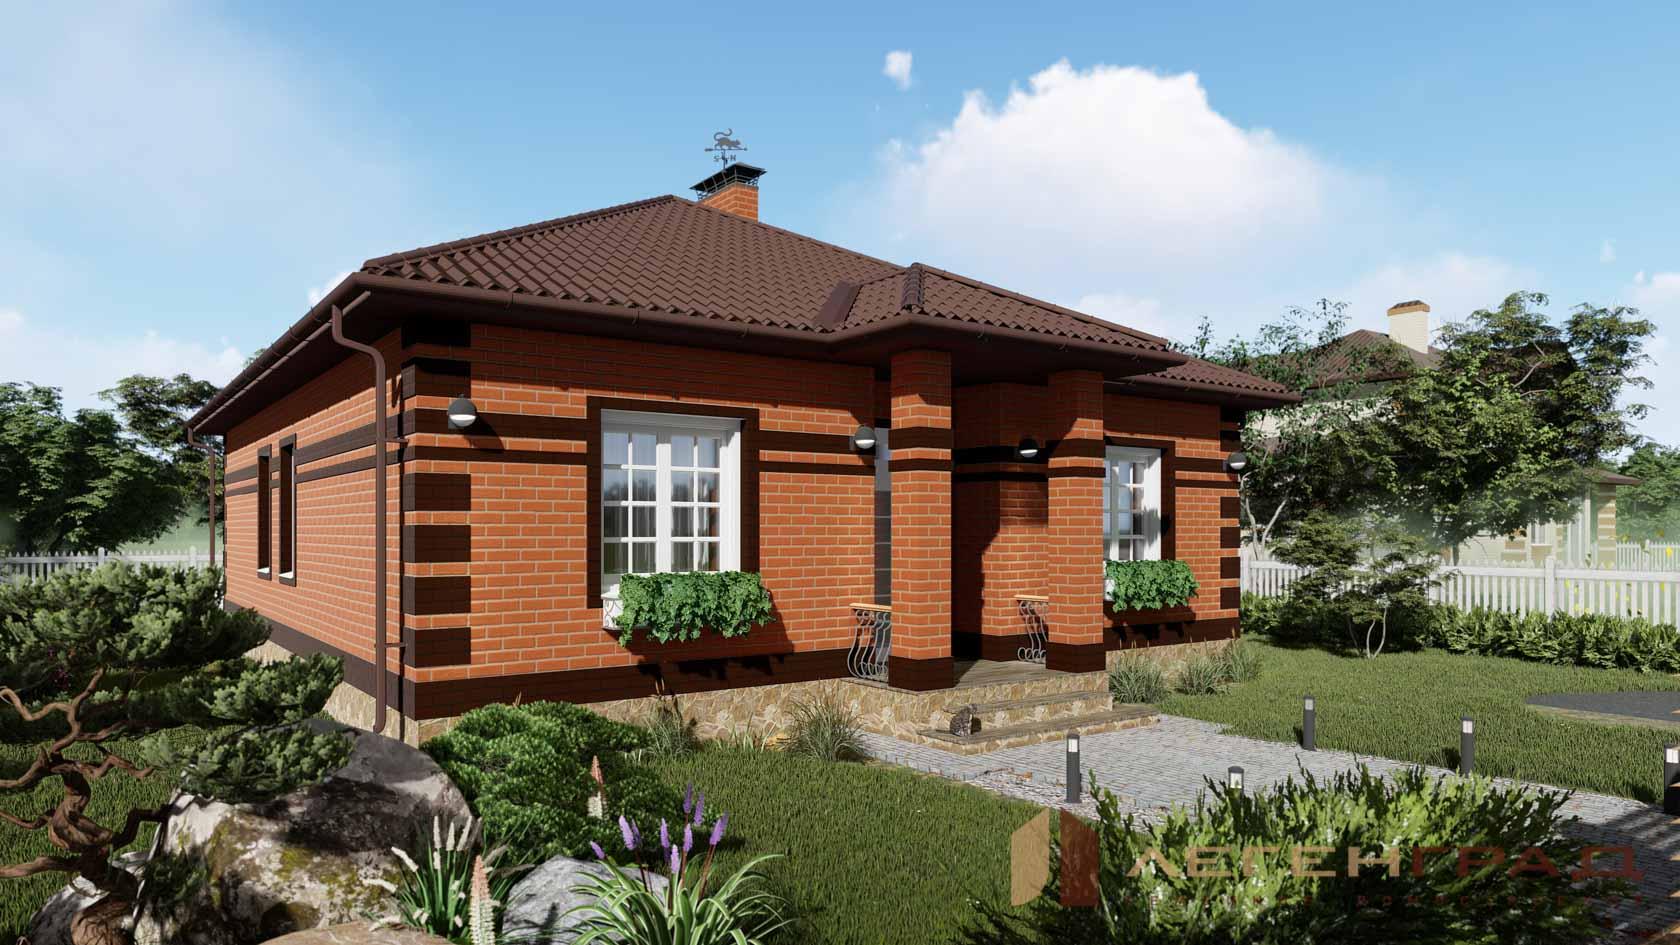 одноэтажные дома фото реальных домов любителей красивых фото